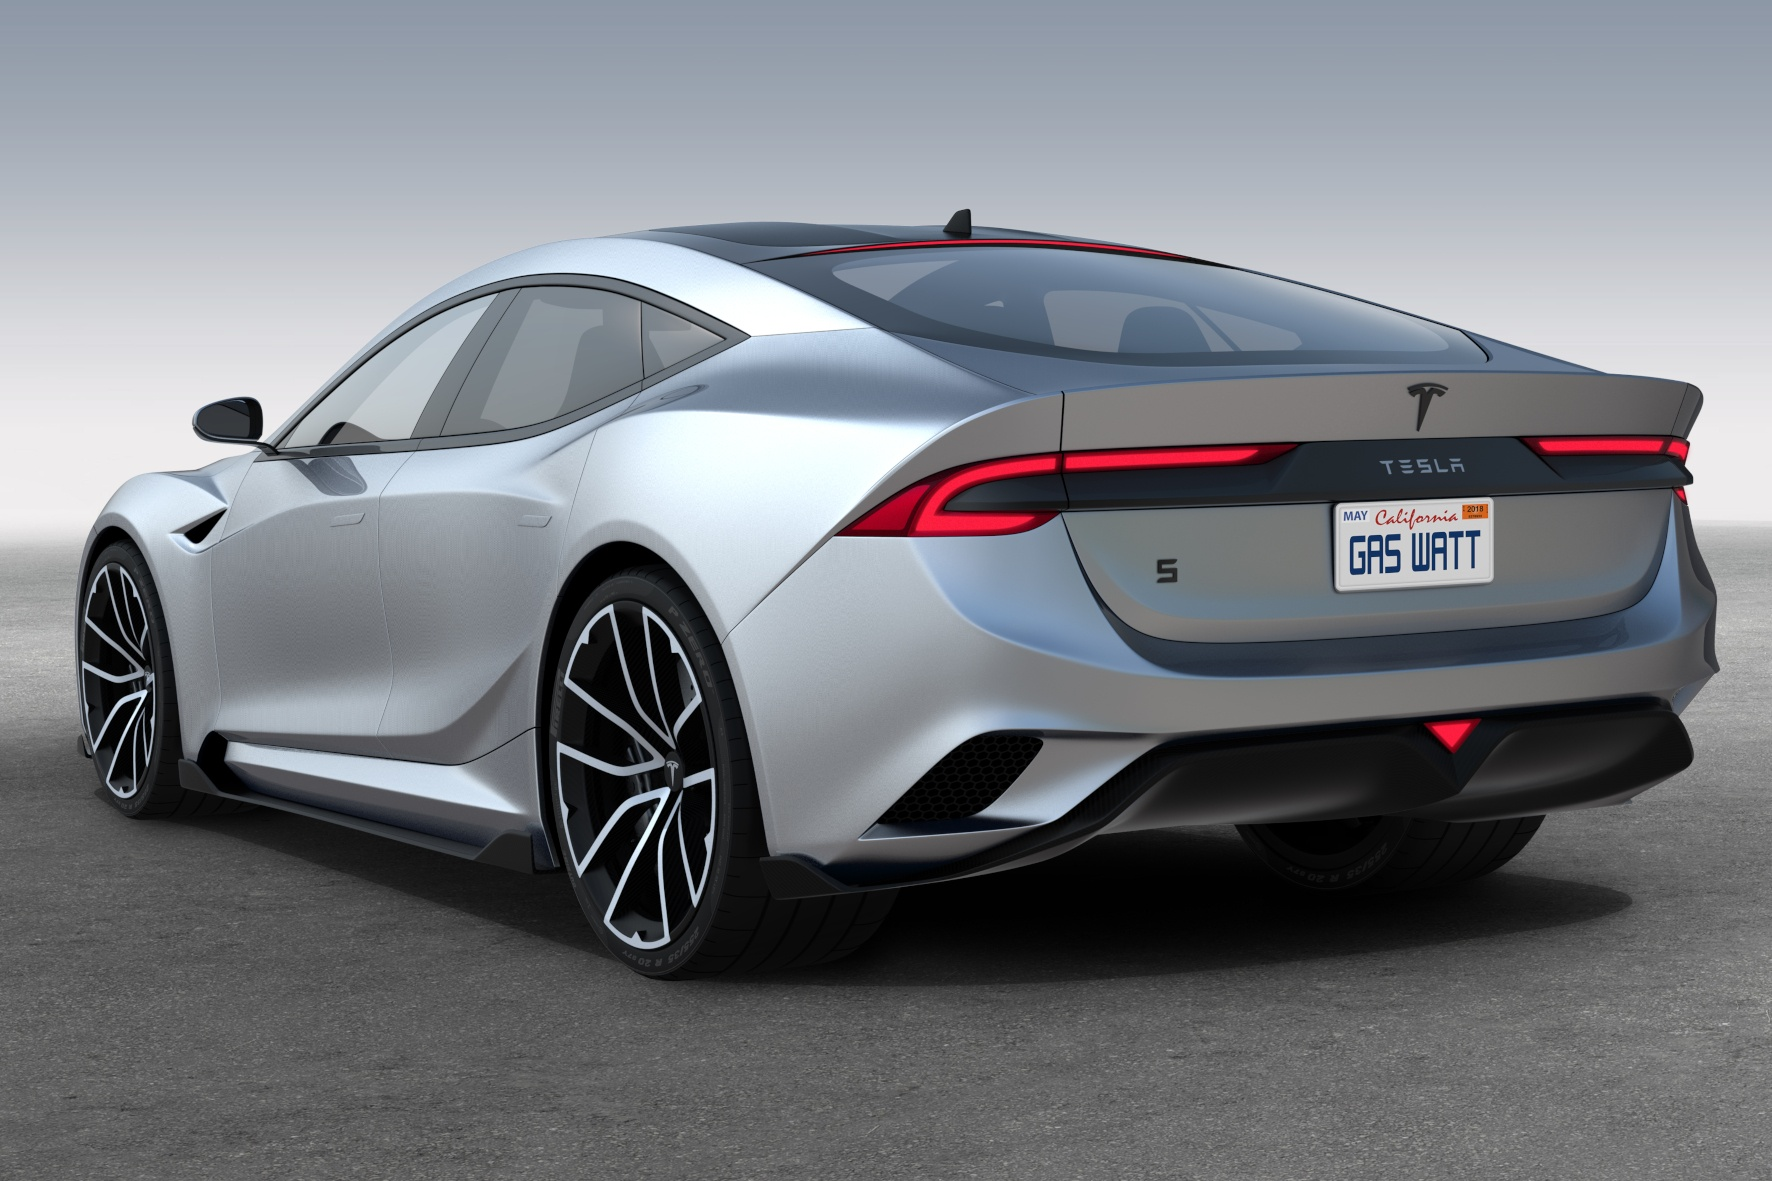 So will die US-Automarke Tesla in die Zukunft fahren